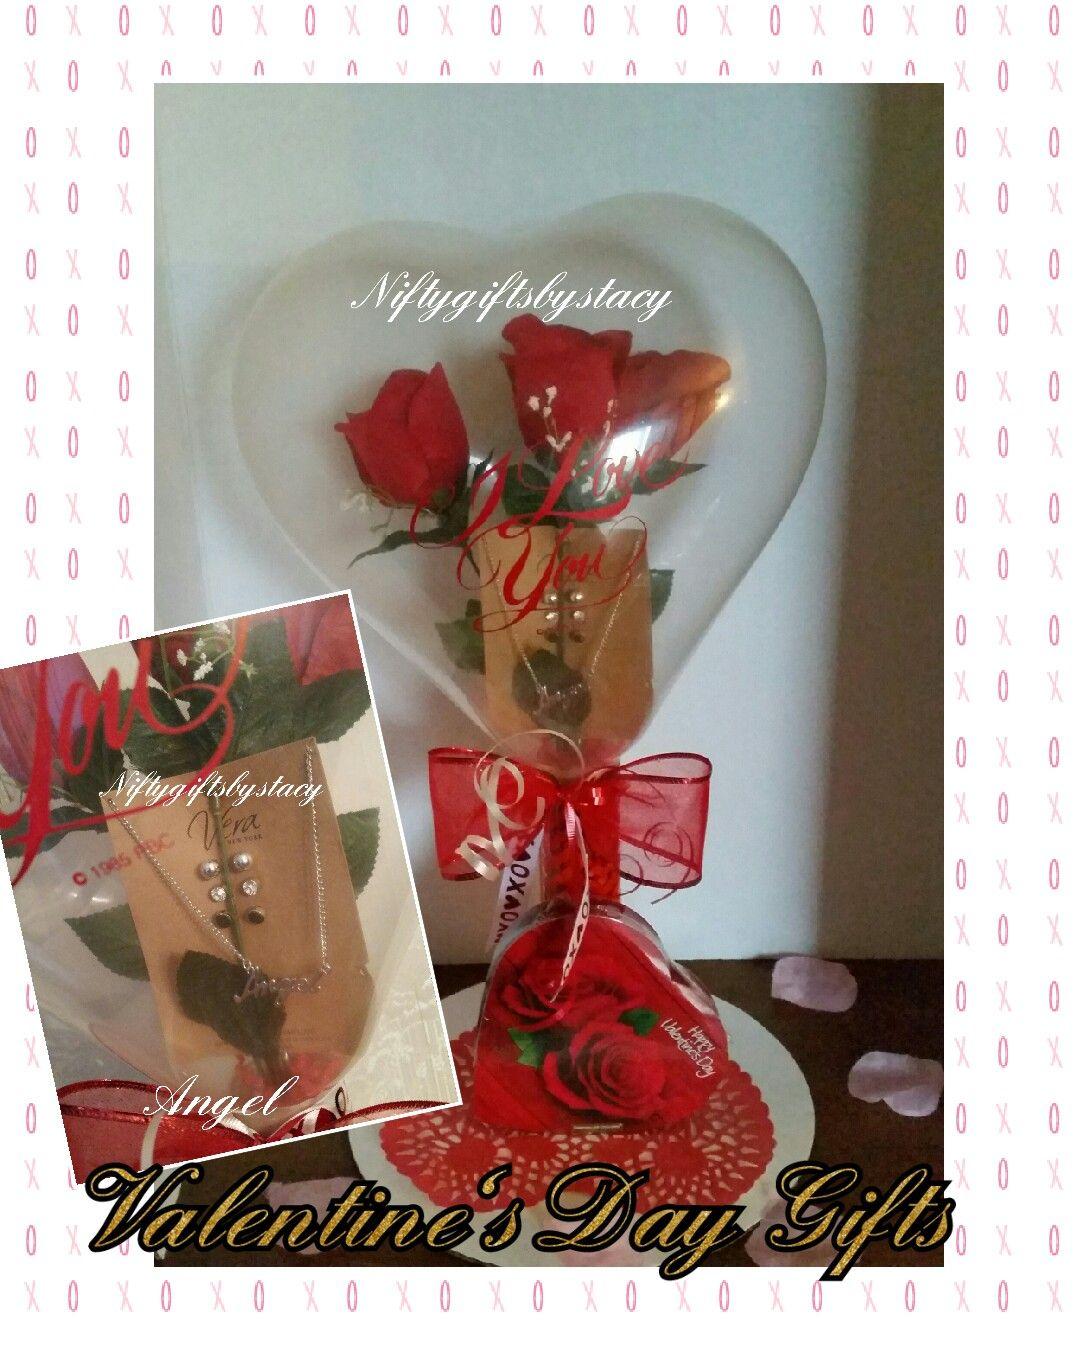 Created by Niftygiftsbystacy  #roseinaballoon #stuffedballoon #valentinesdaygift #balloongifts